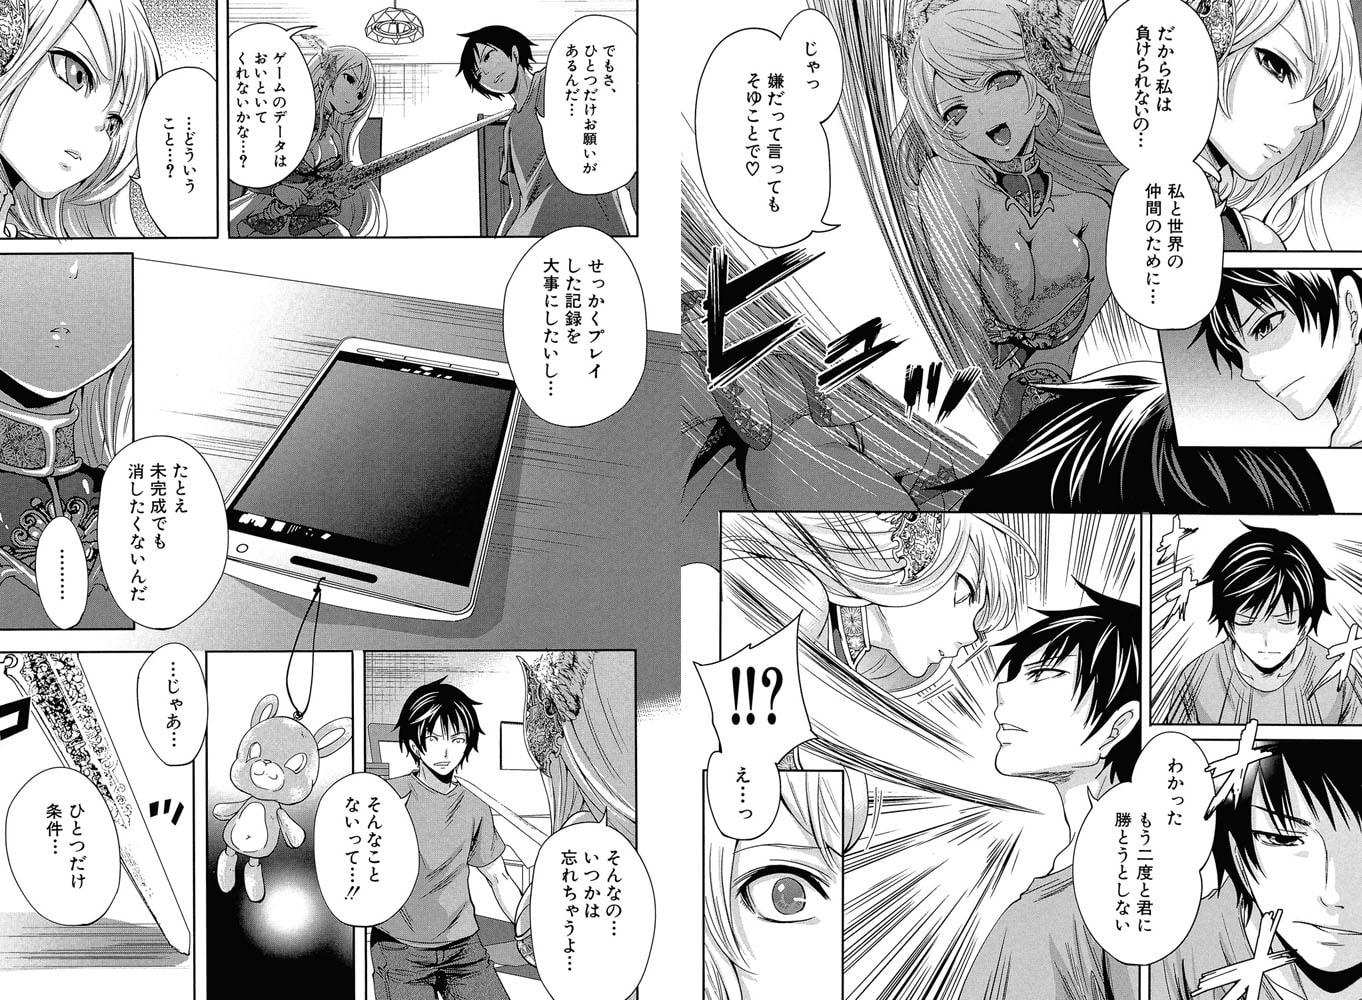 ハメあいゲーム【第1話体験版付き】